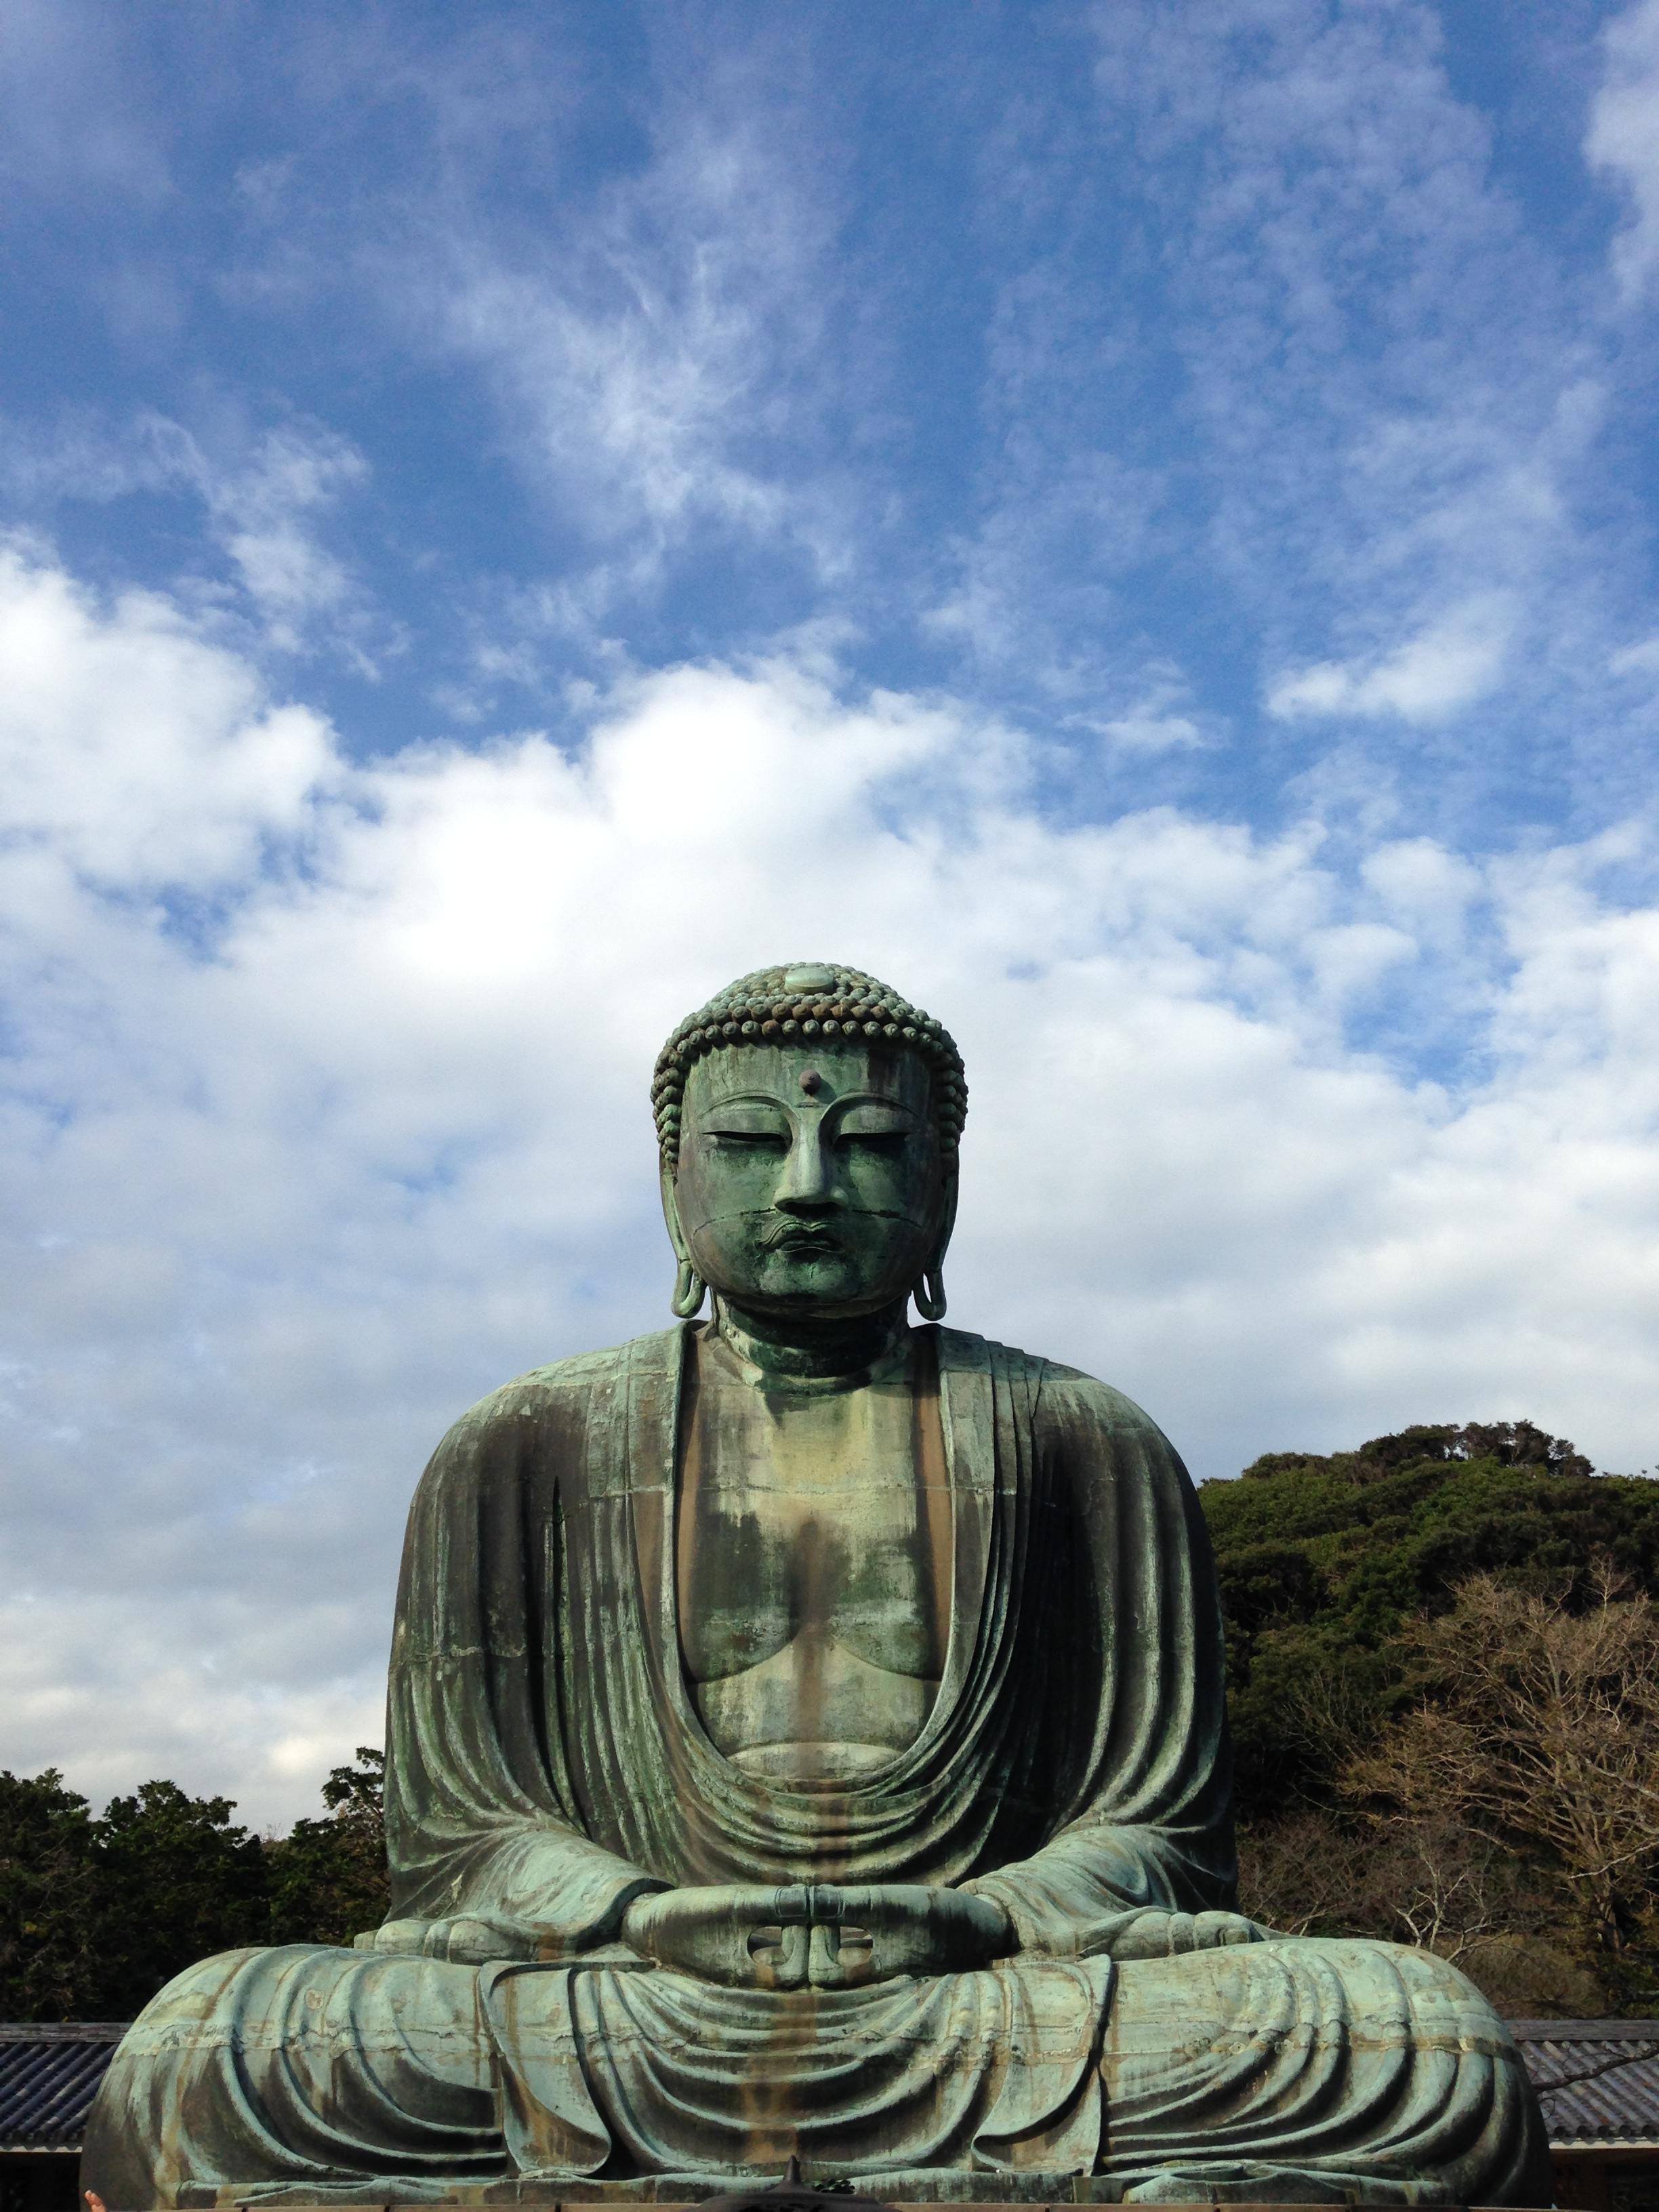 鎌倉の大仏の中へ潜入。